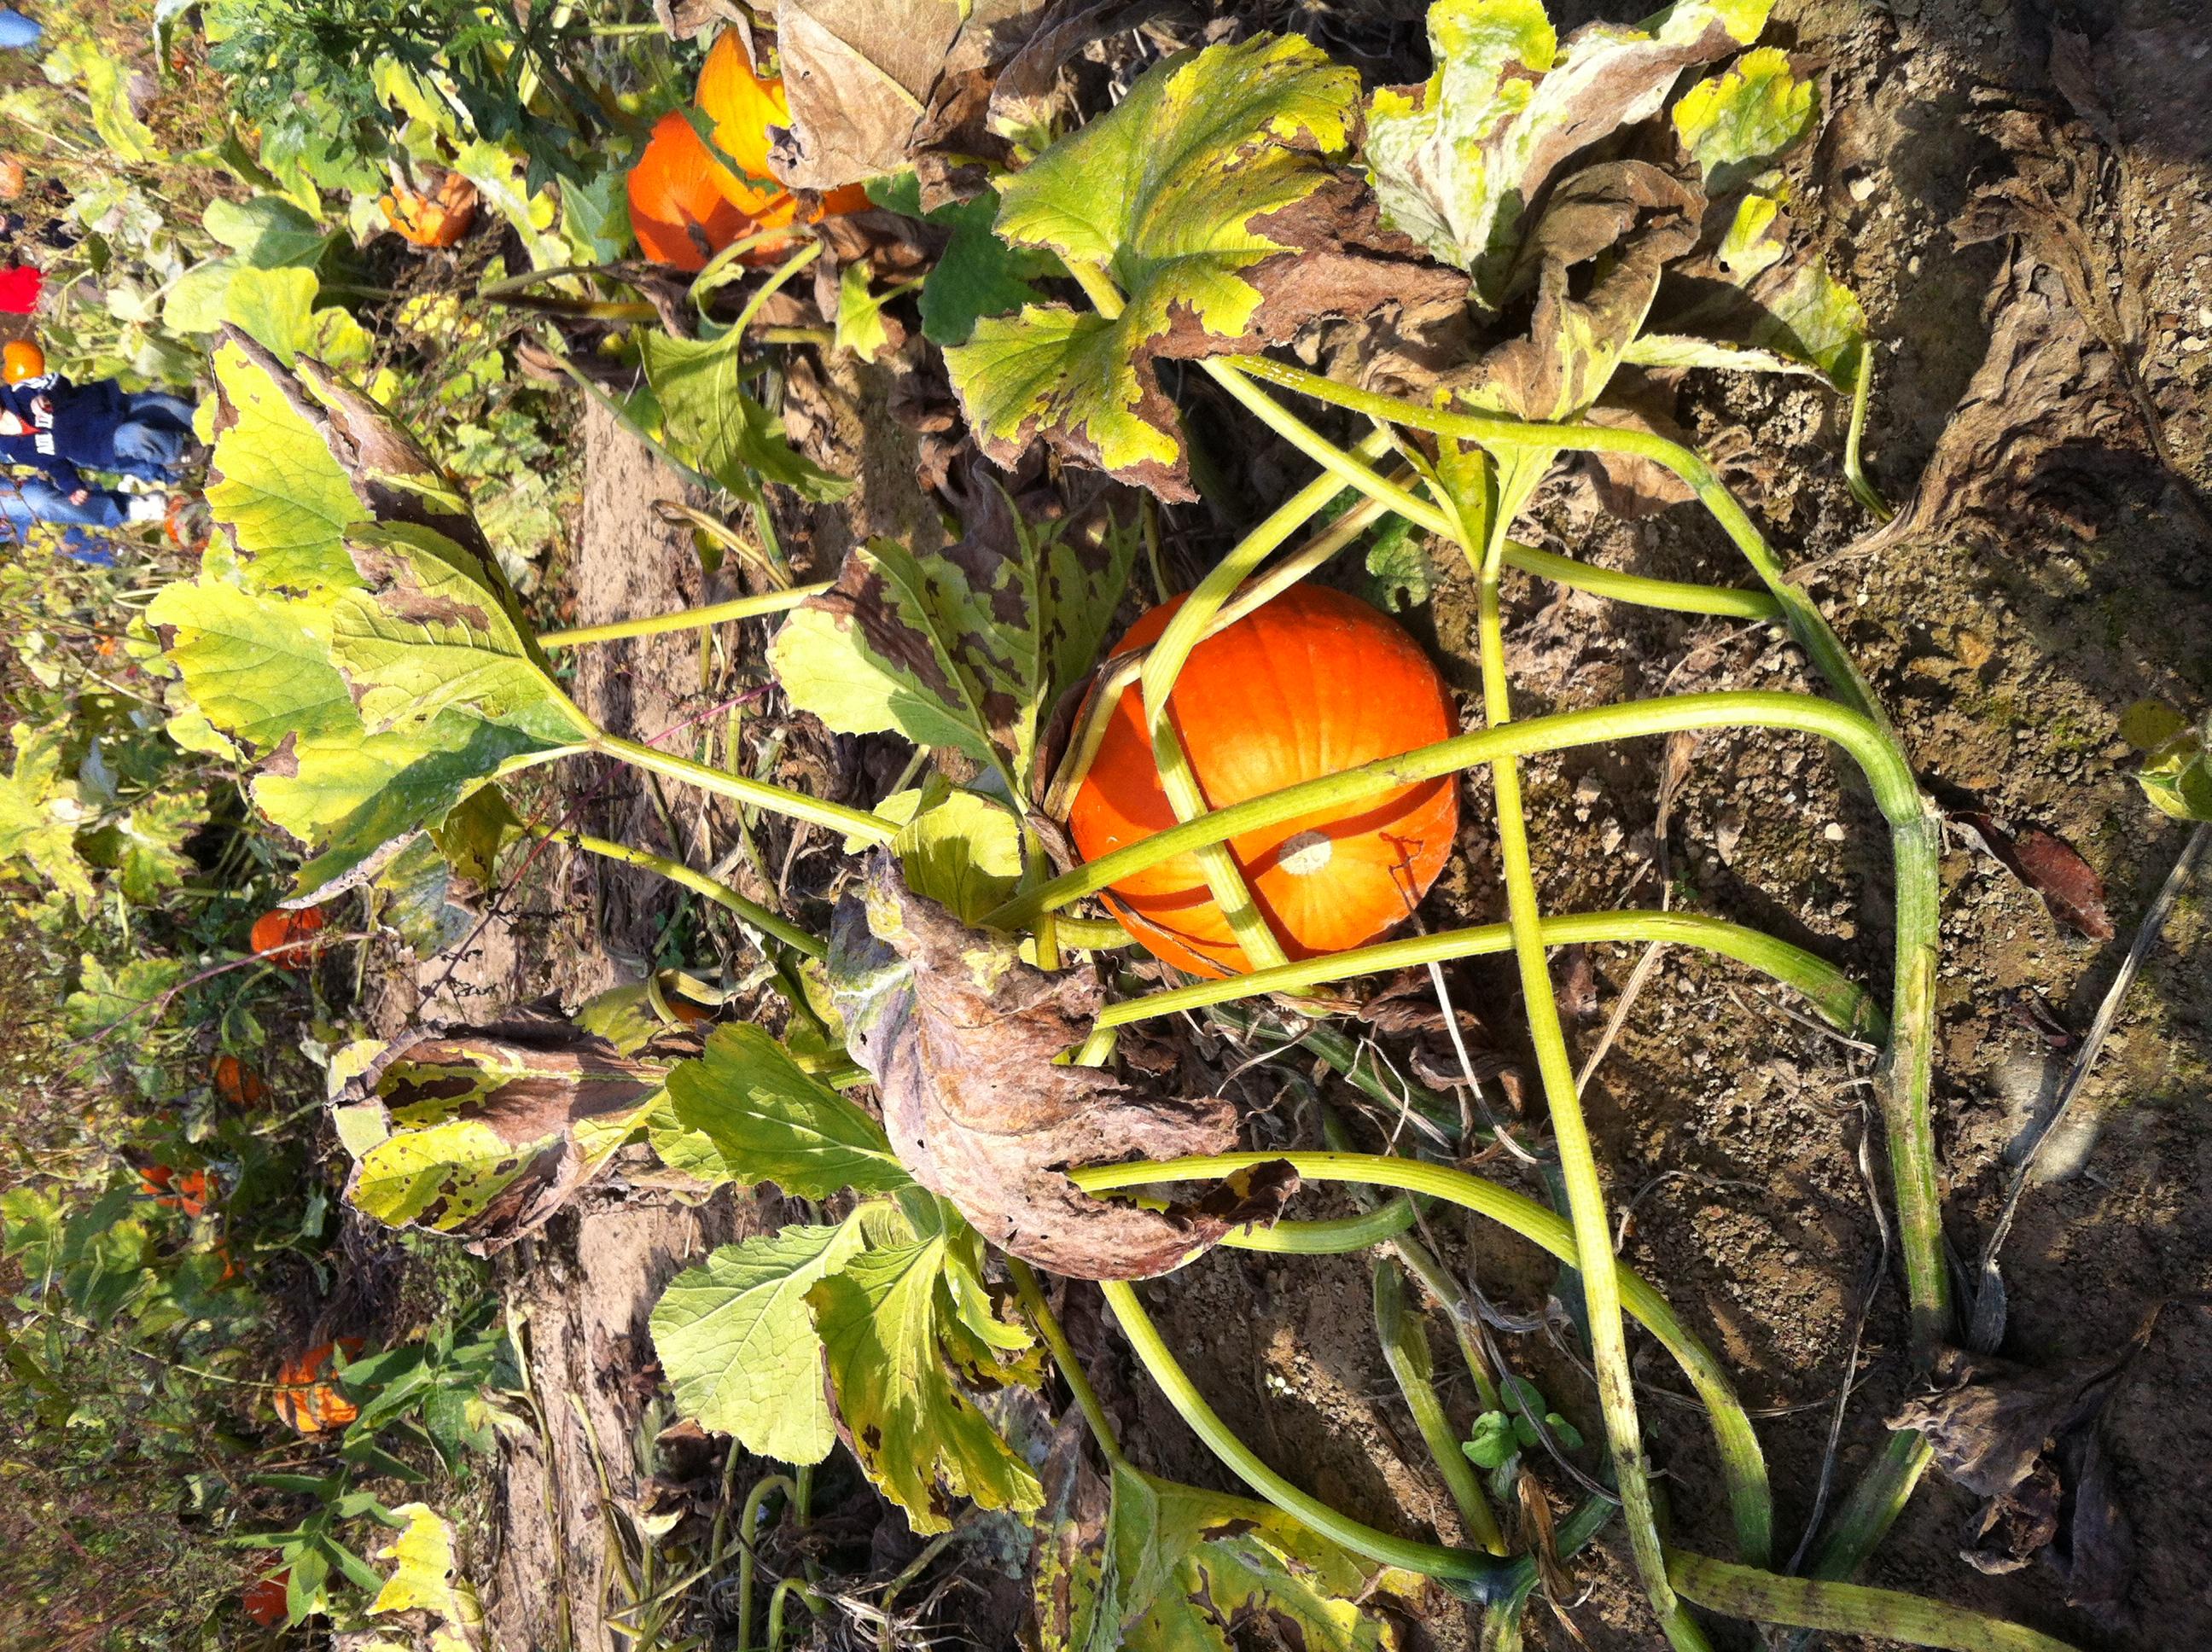 Pumpkins a Plenty